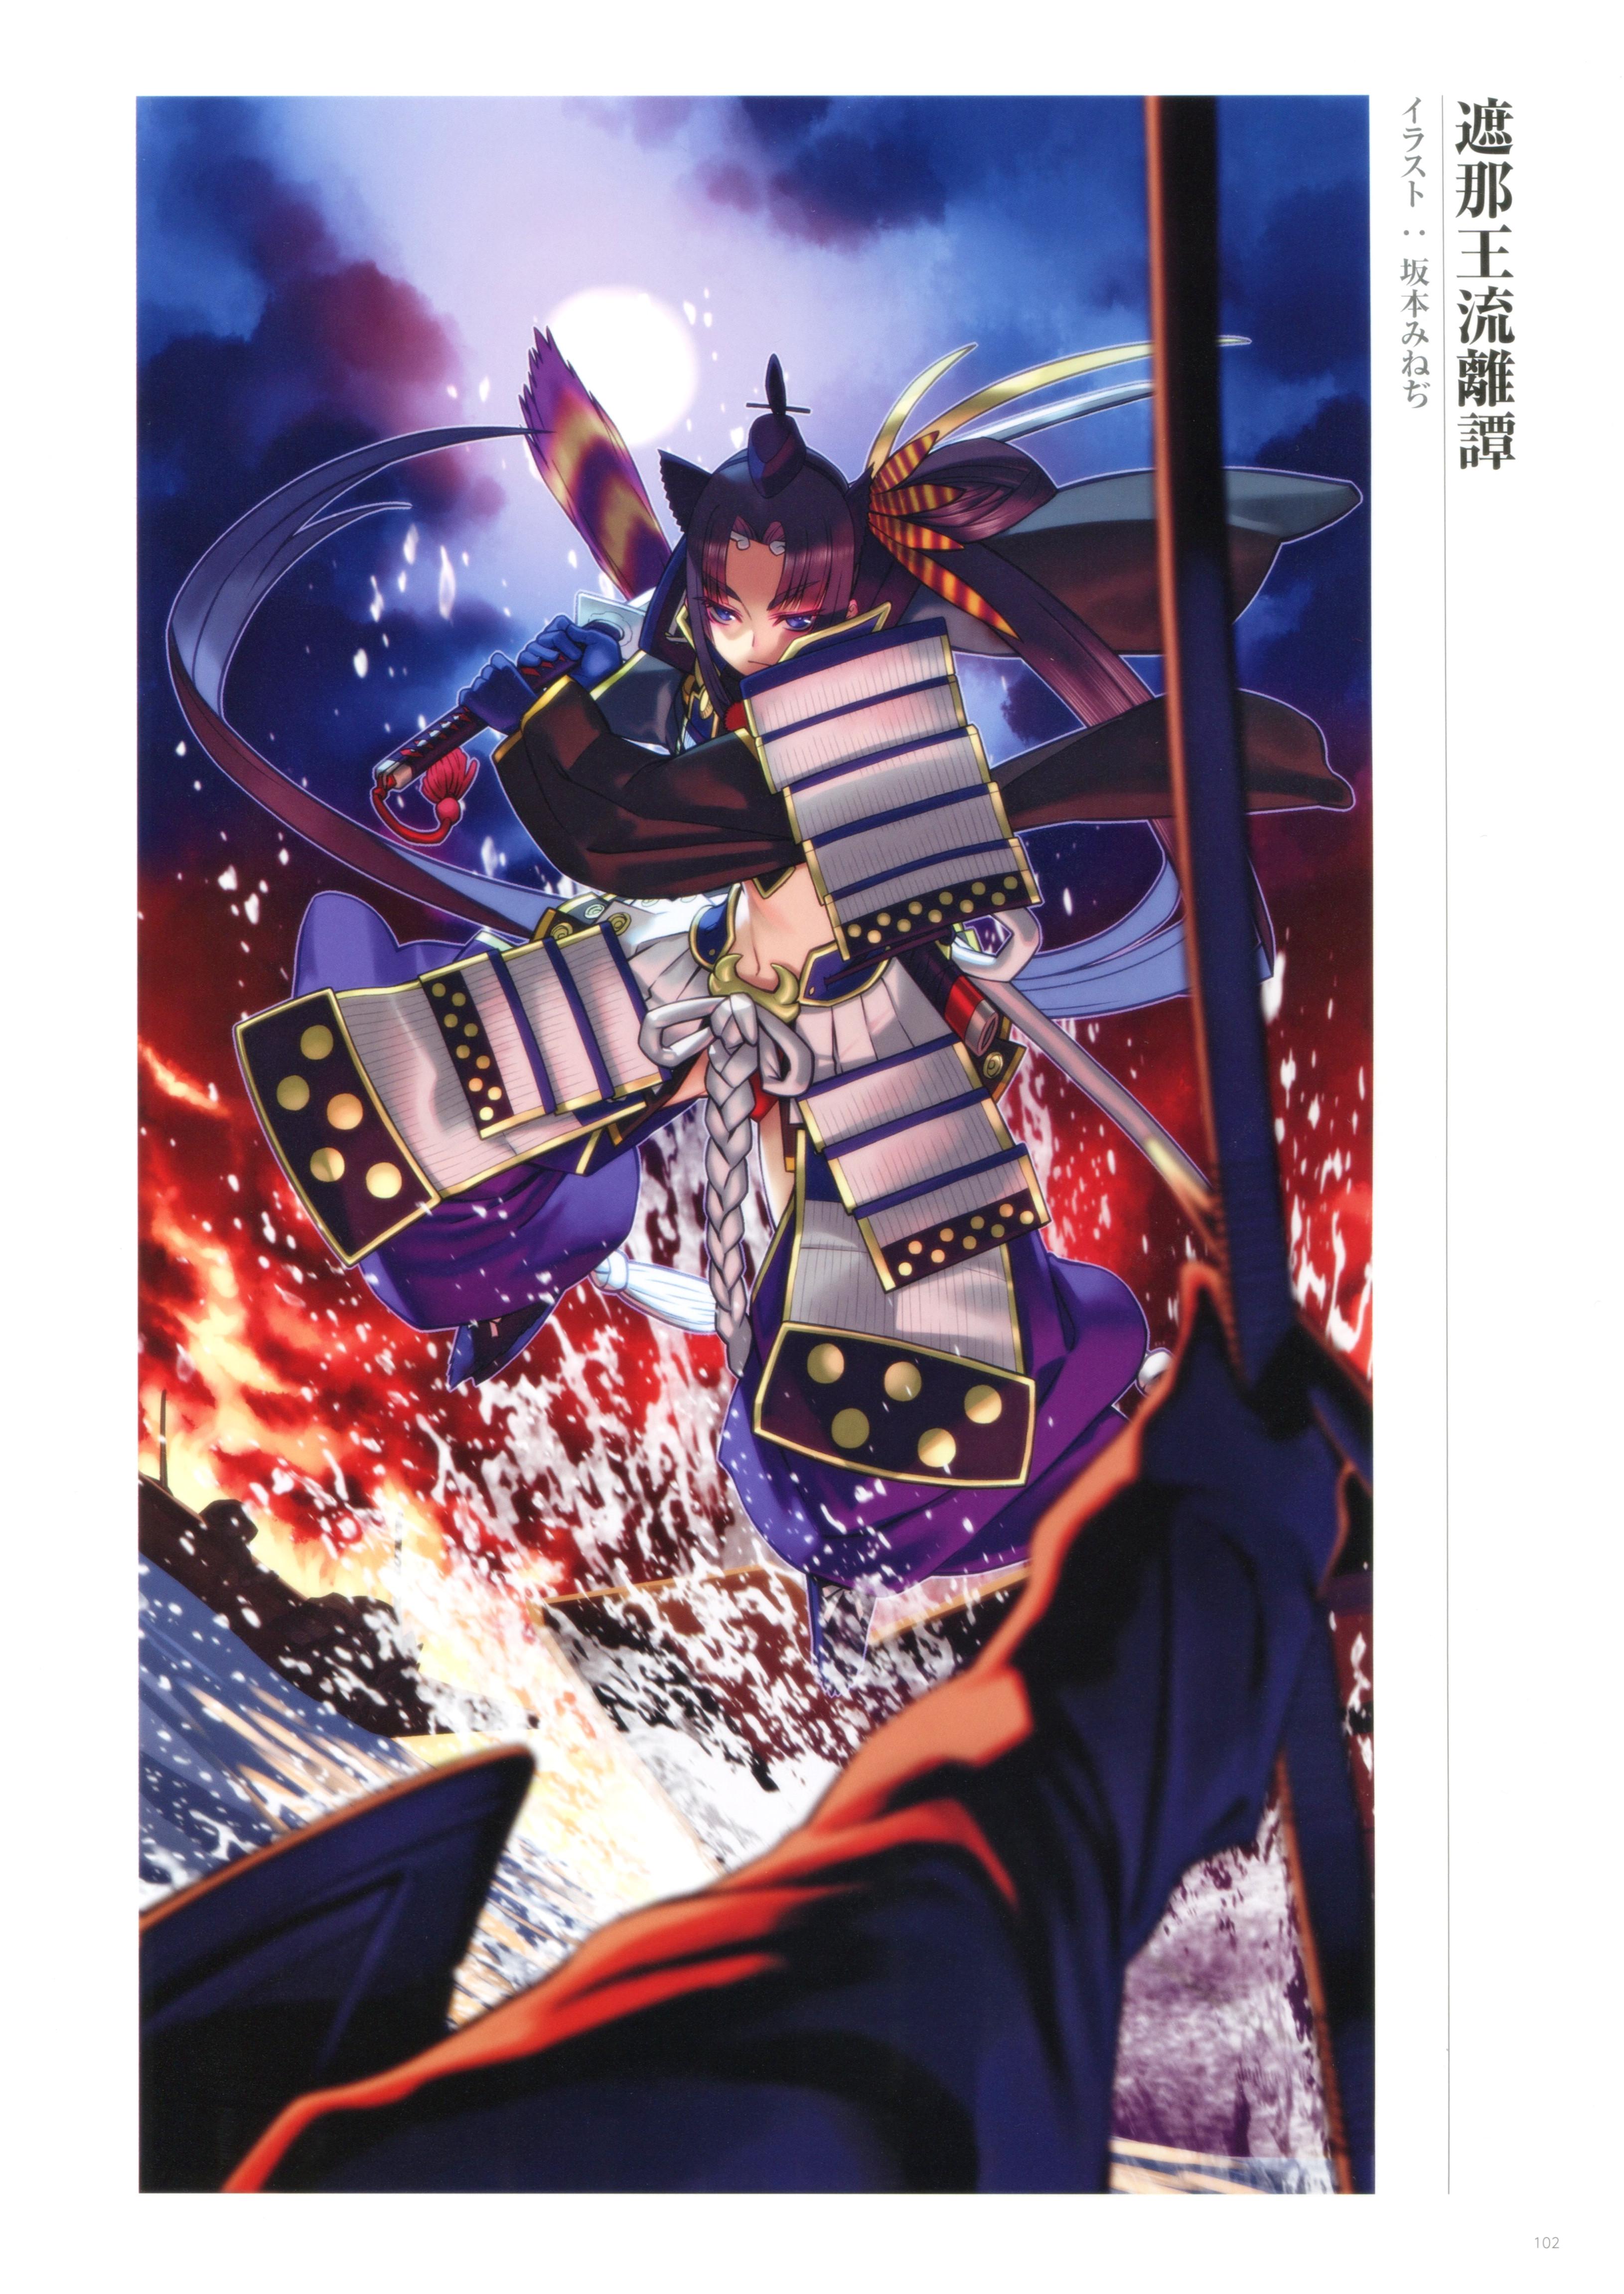 Rider (Fate/Grand Order) - Zerochan Anime Image Board